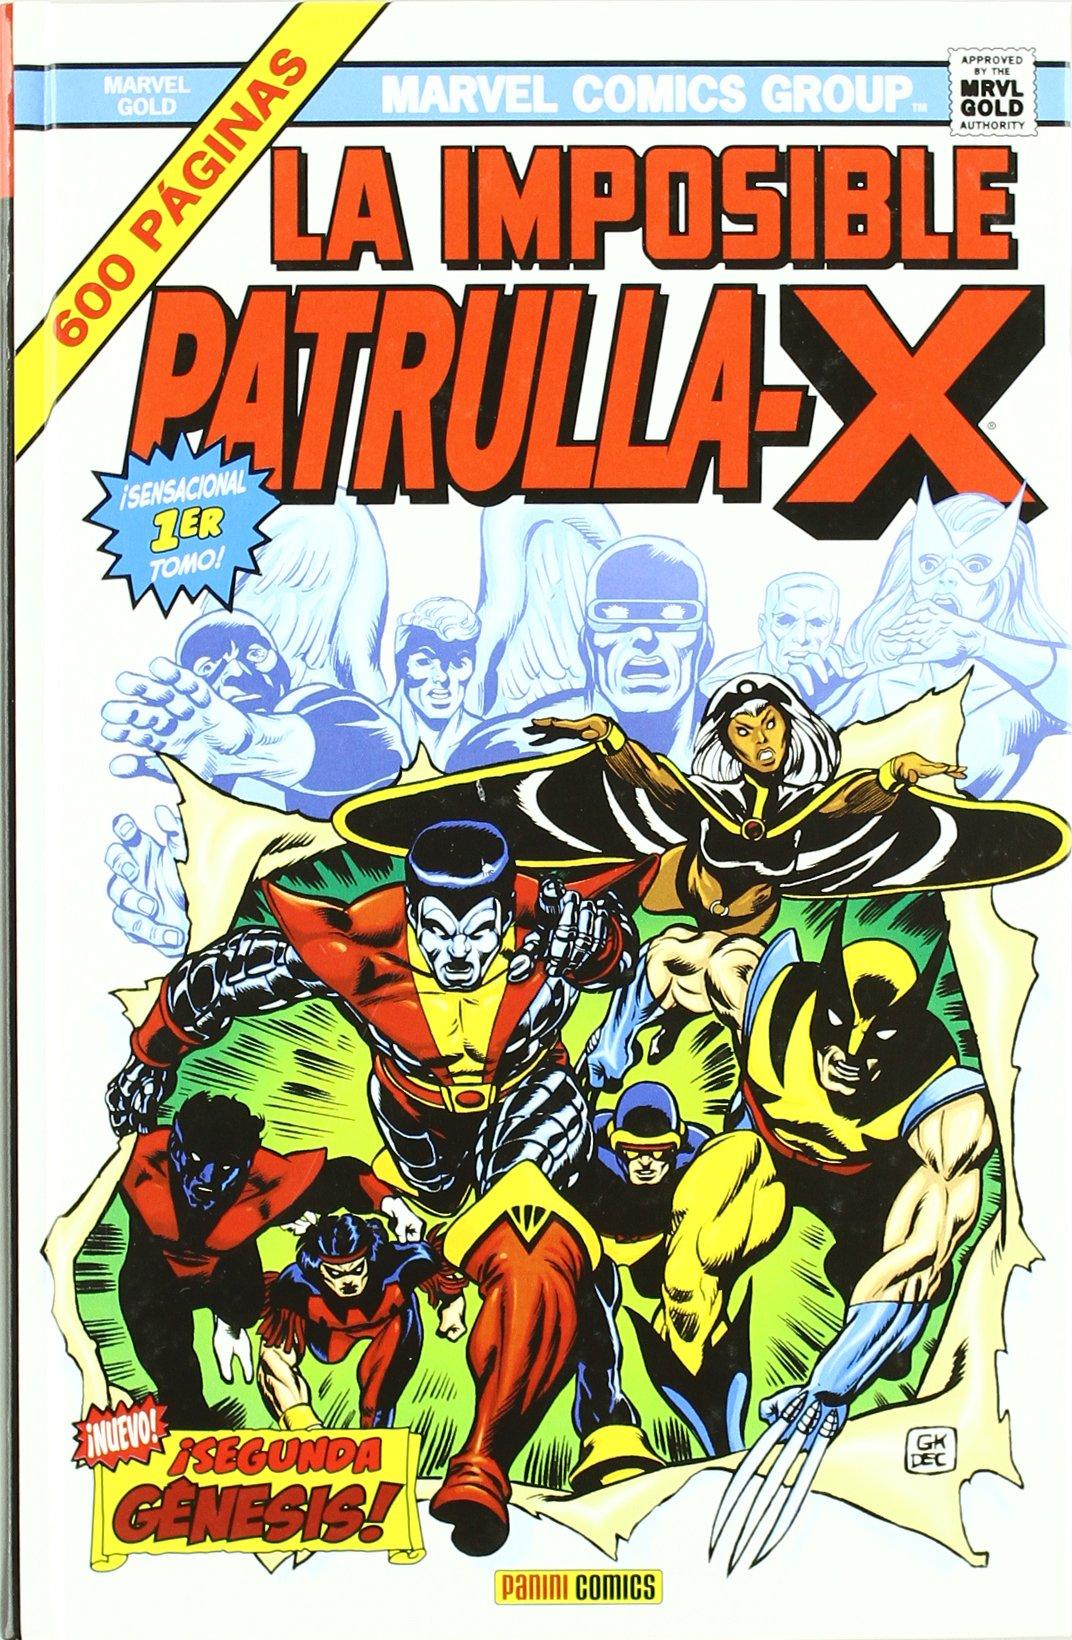 Imposible Patrulla X, La 1 - Segunda Genesis La Imposible Patrulla X:  Amazon.es: Aa.Vv.: Libros